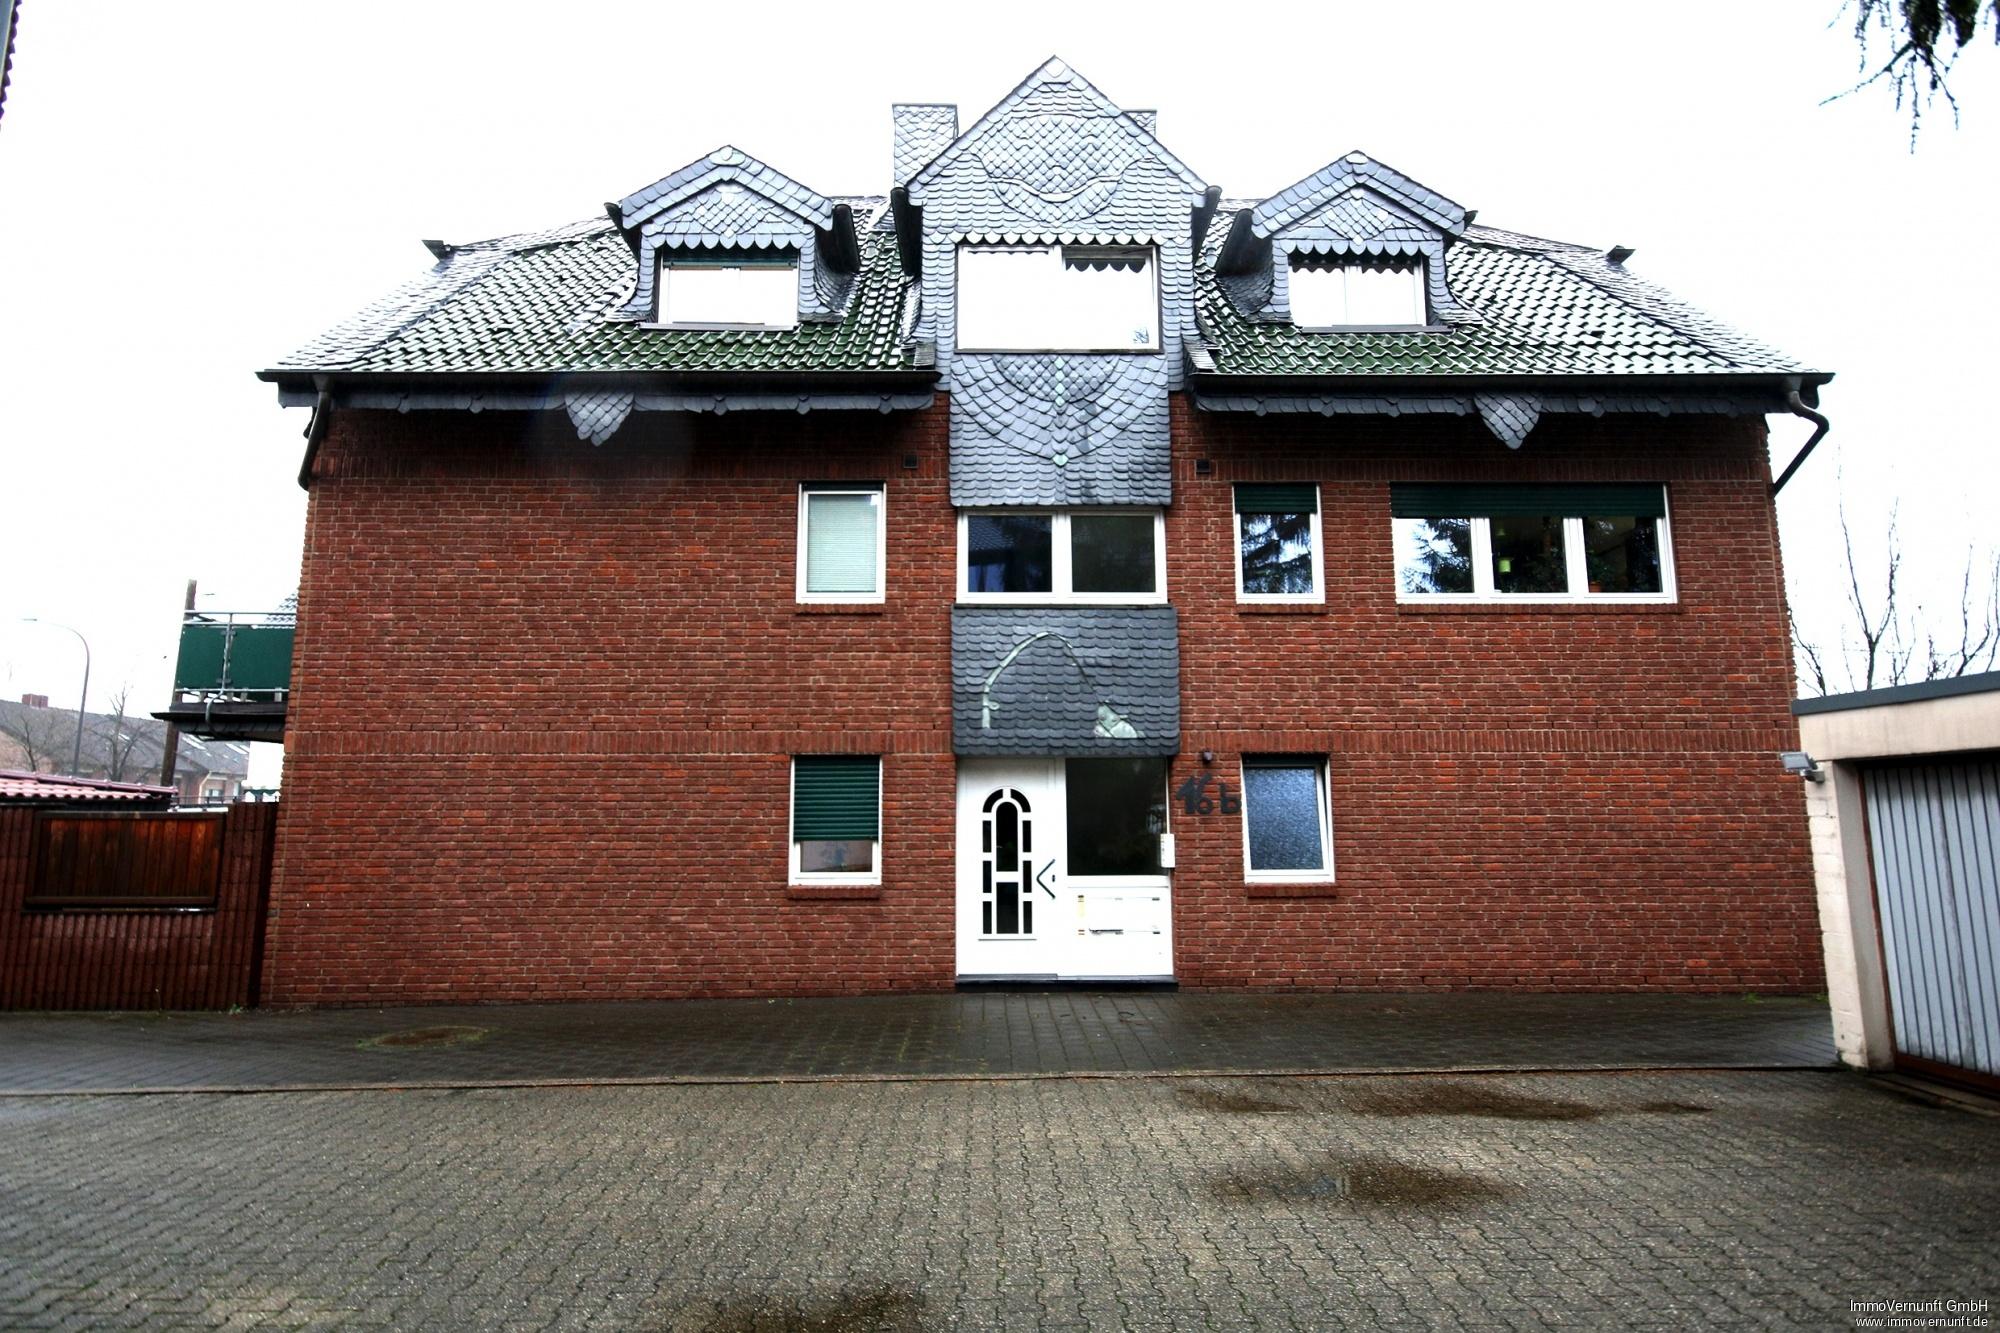 Lebensfreude, Eleganz und Wohnstil gut vereint 40764 Langenfeld (Rheinland), Dachgeschosswohnung